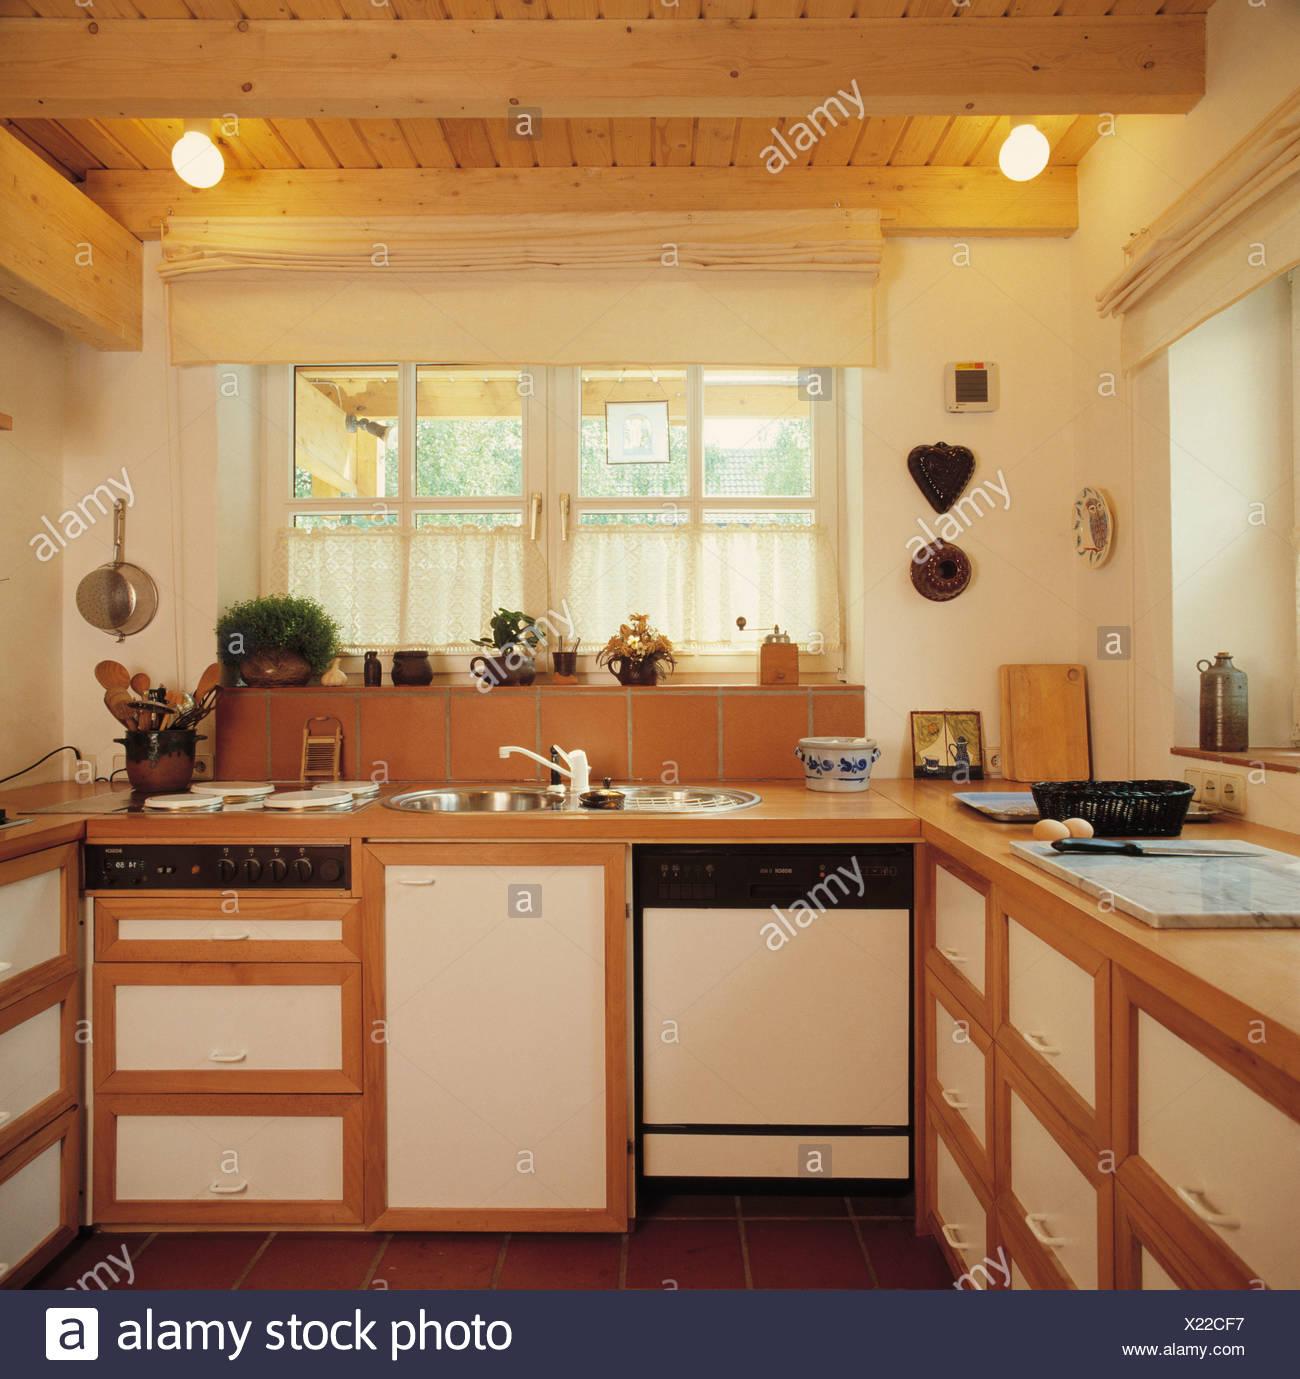 Beleuchtung Auf Holzdecke In Kleine Kuche Mit Spule Und